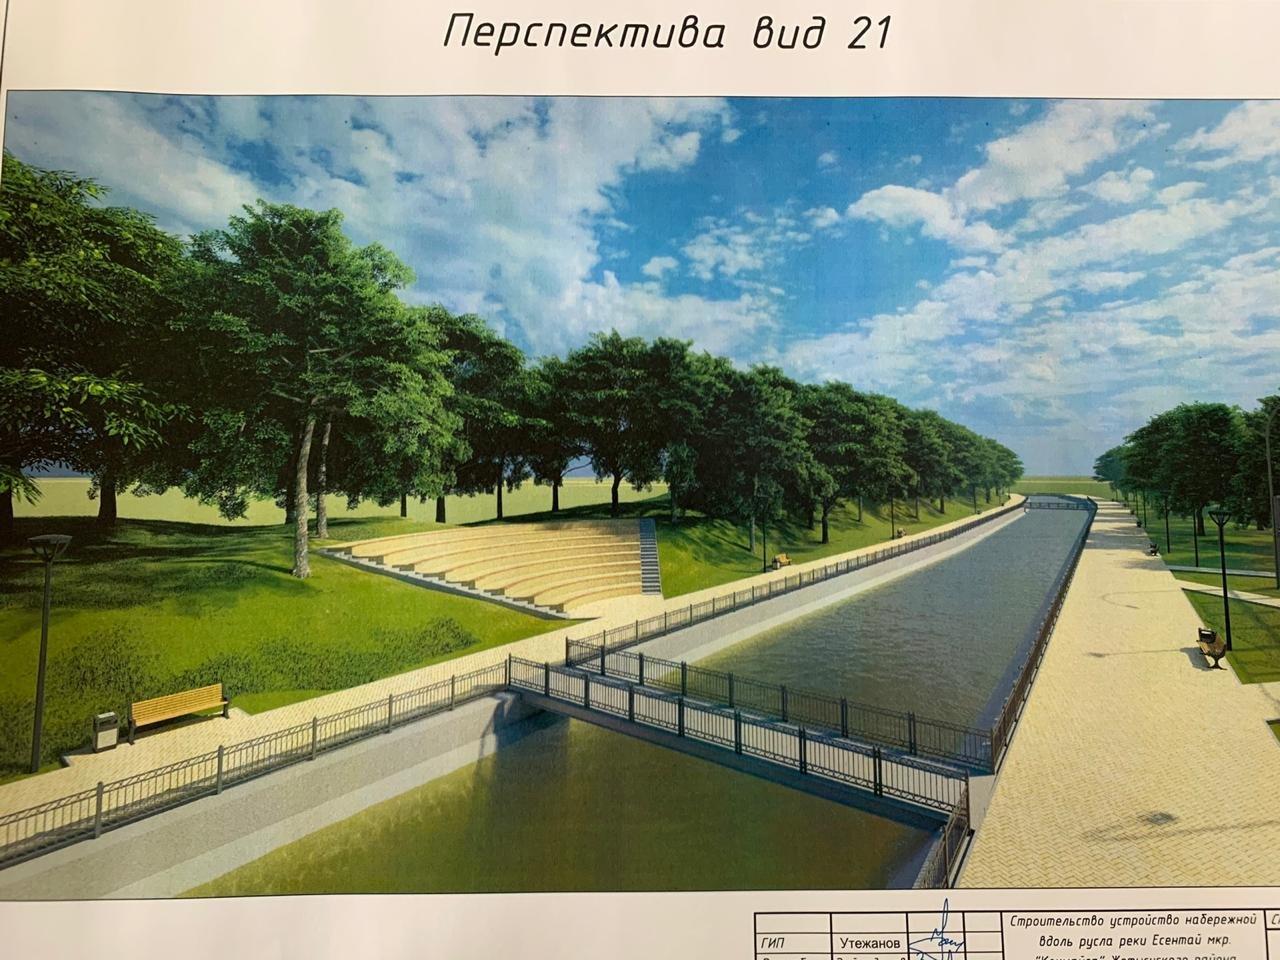 В Жетысуском районе Алматы планируют построить парковую зону вдоль набережной реки Есентай, фото-7